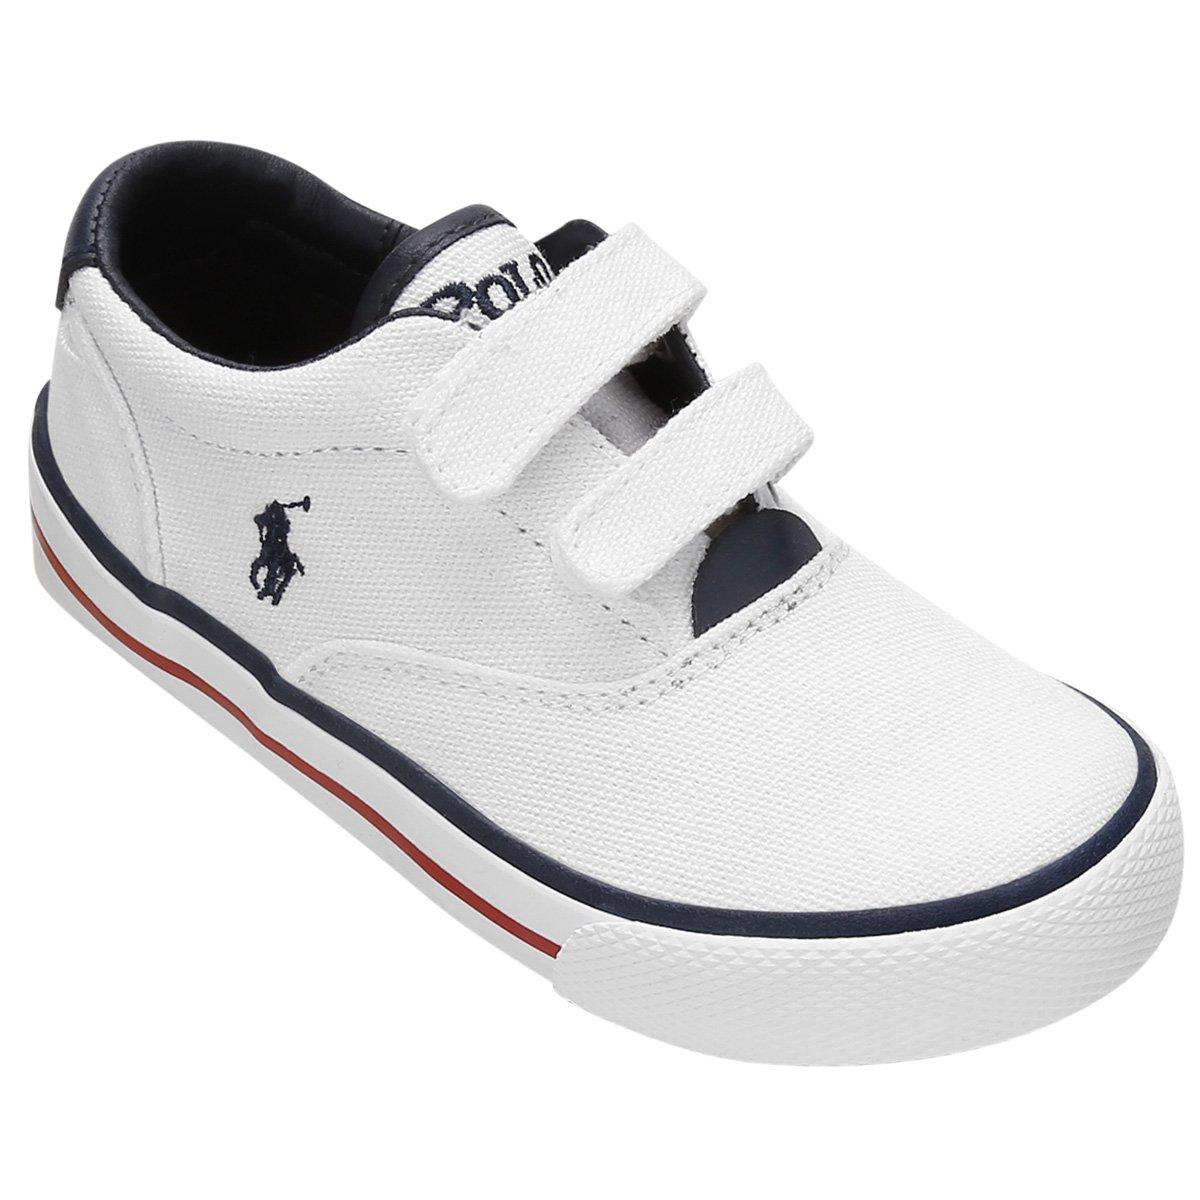 364b41e058400 Tênis Polo Ralph Lauren Vaughn EZ Canvas Infantil - Compre Agora ...